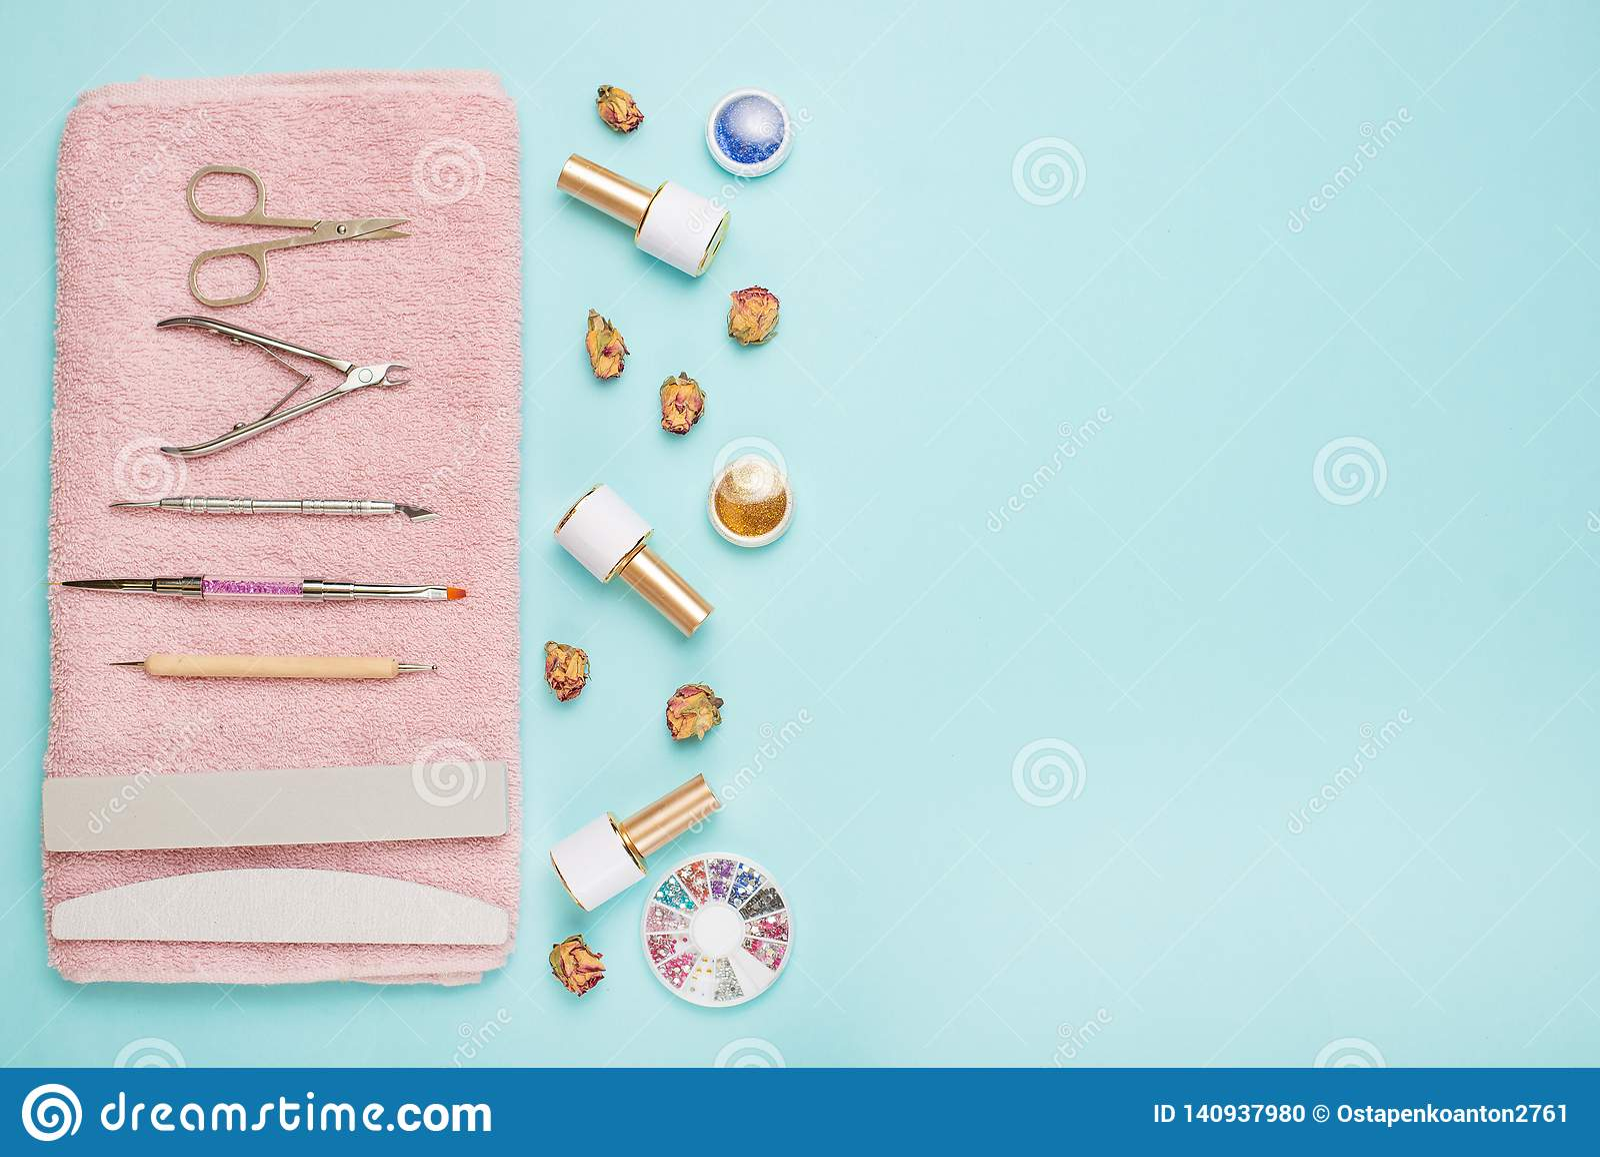 Un sistema de las herramientas cosméticas para la manicura y la pedicura en un fondo azul Pulimentos del gel, ficheros de clavo y